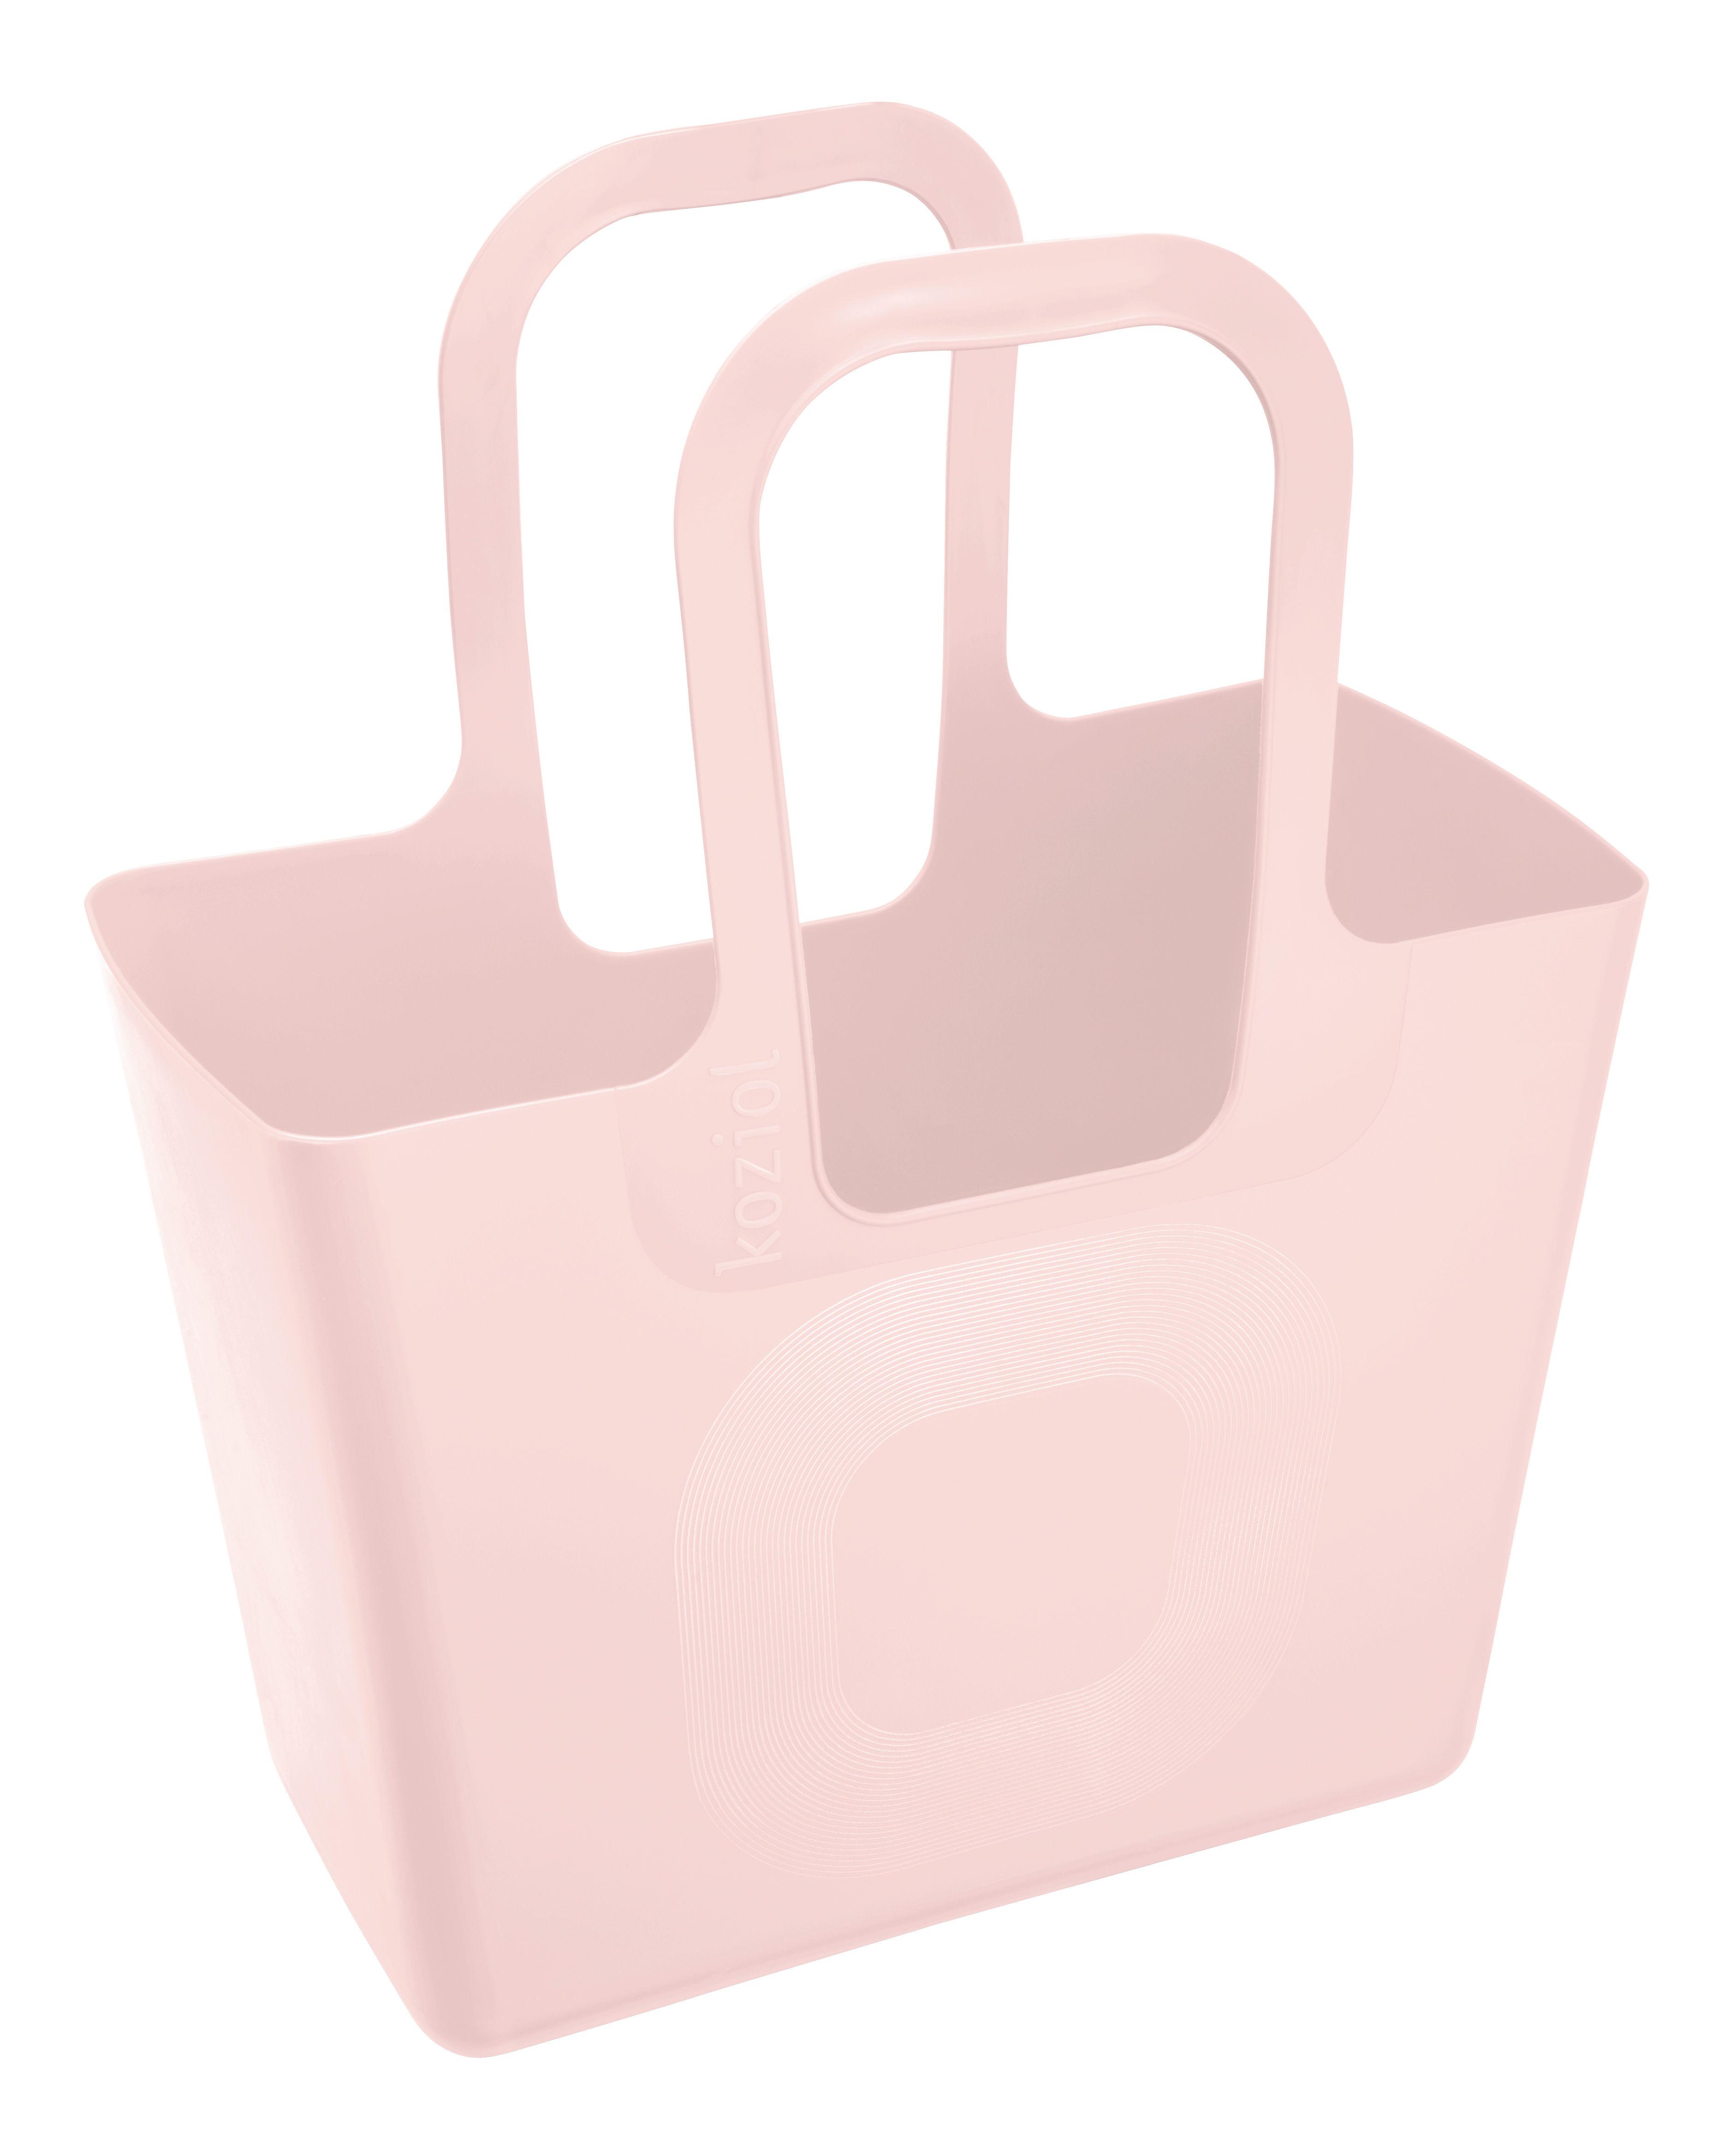 Interni - Per bambini - Cestino Tasche XL - / L 44 x H 54 cm di Koziol - Rosa Queen - Plastica